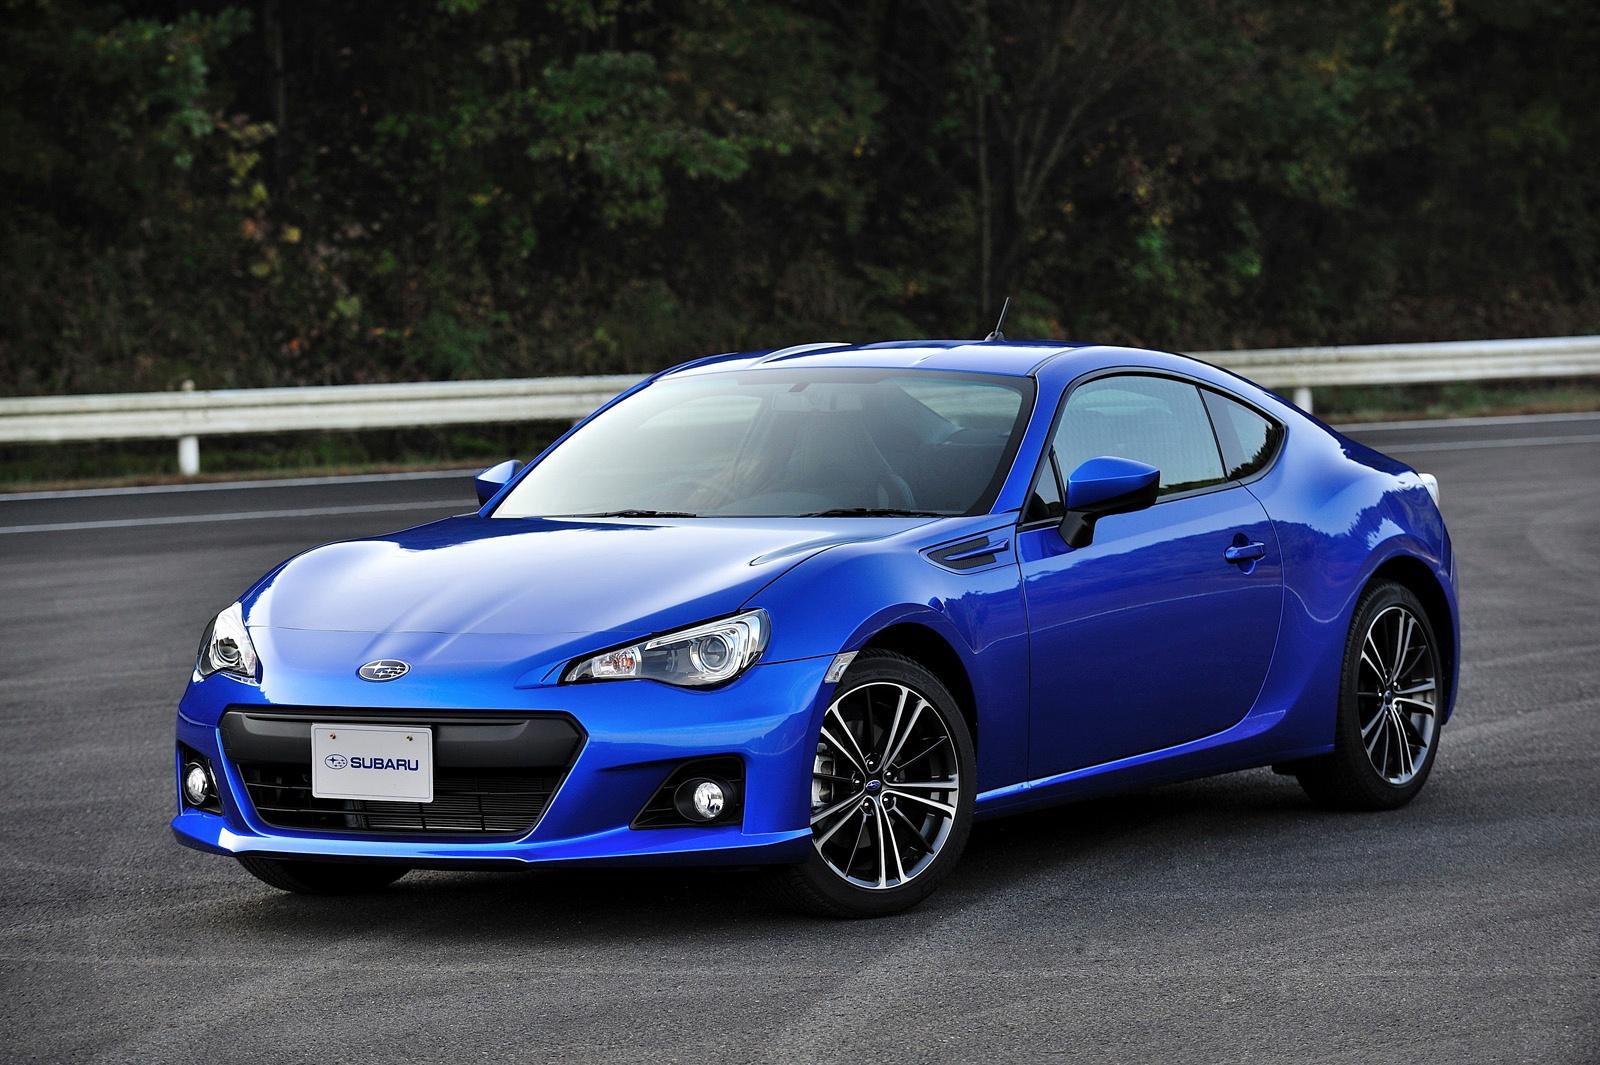 Subaru's BRZ To Start At $24,000: Report